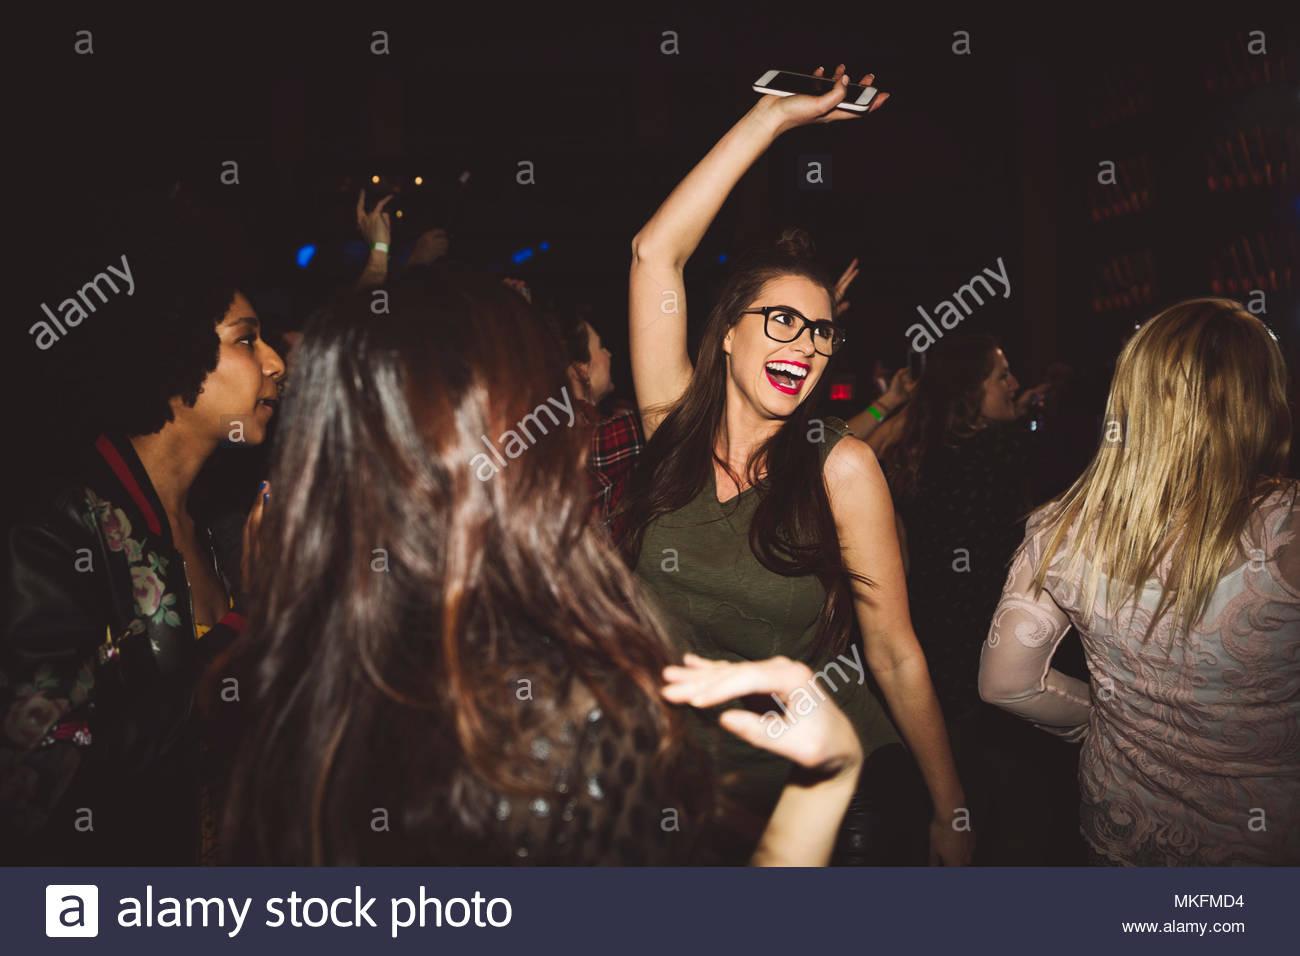 Fröhlicher, ausgelassener Junge tausendjährigen Frau Tanzen, Feiern in Nachtclub Stockbild